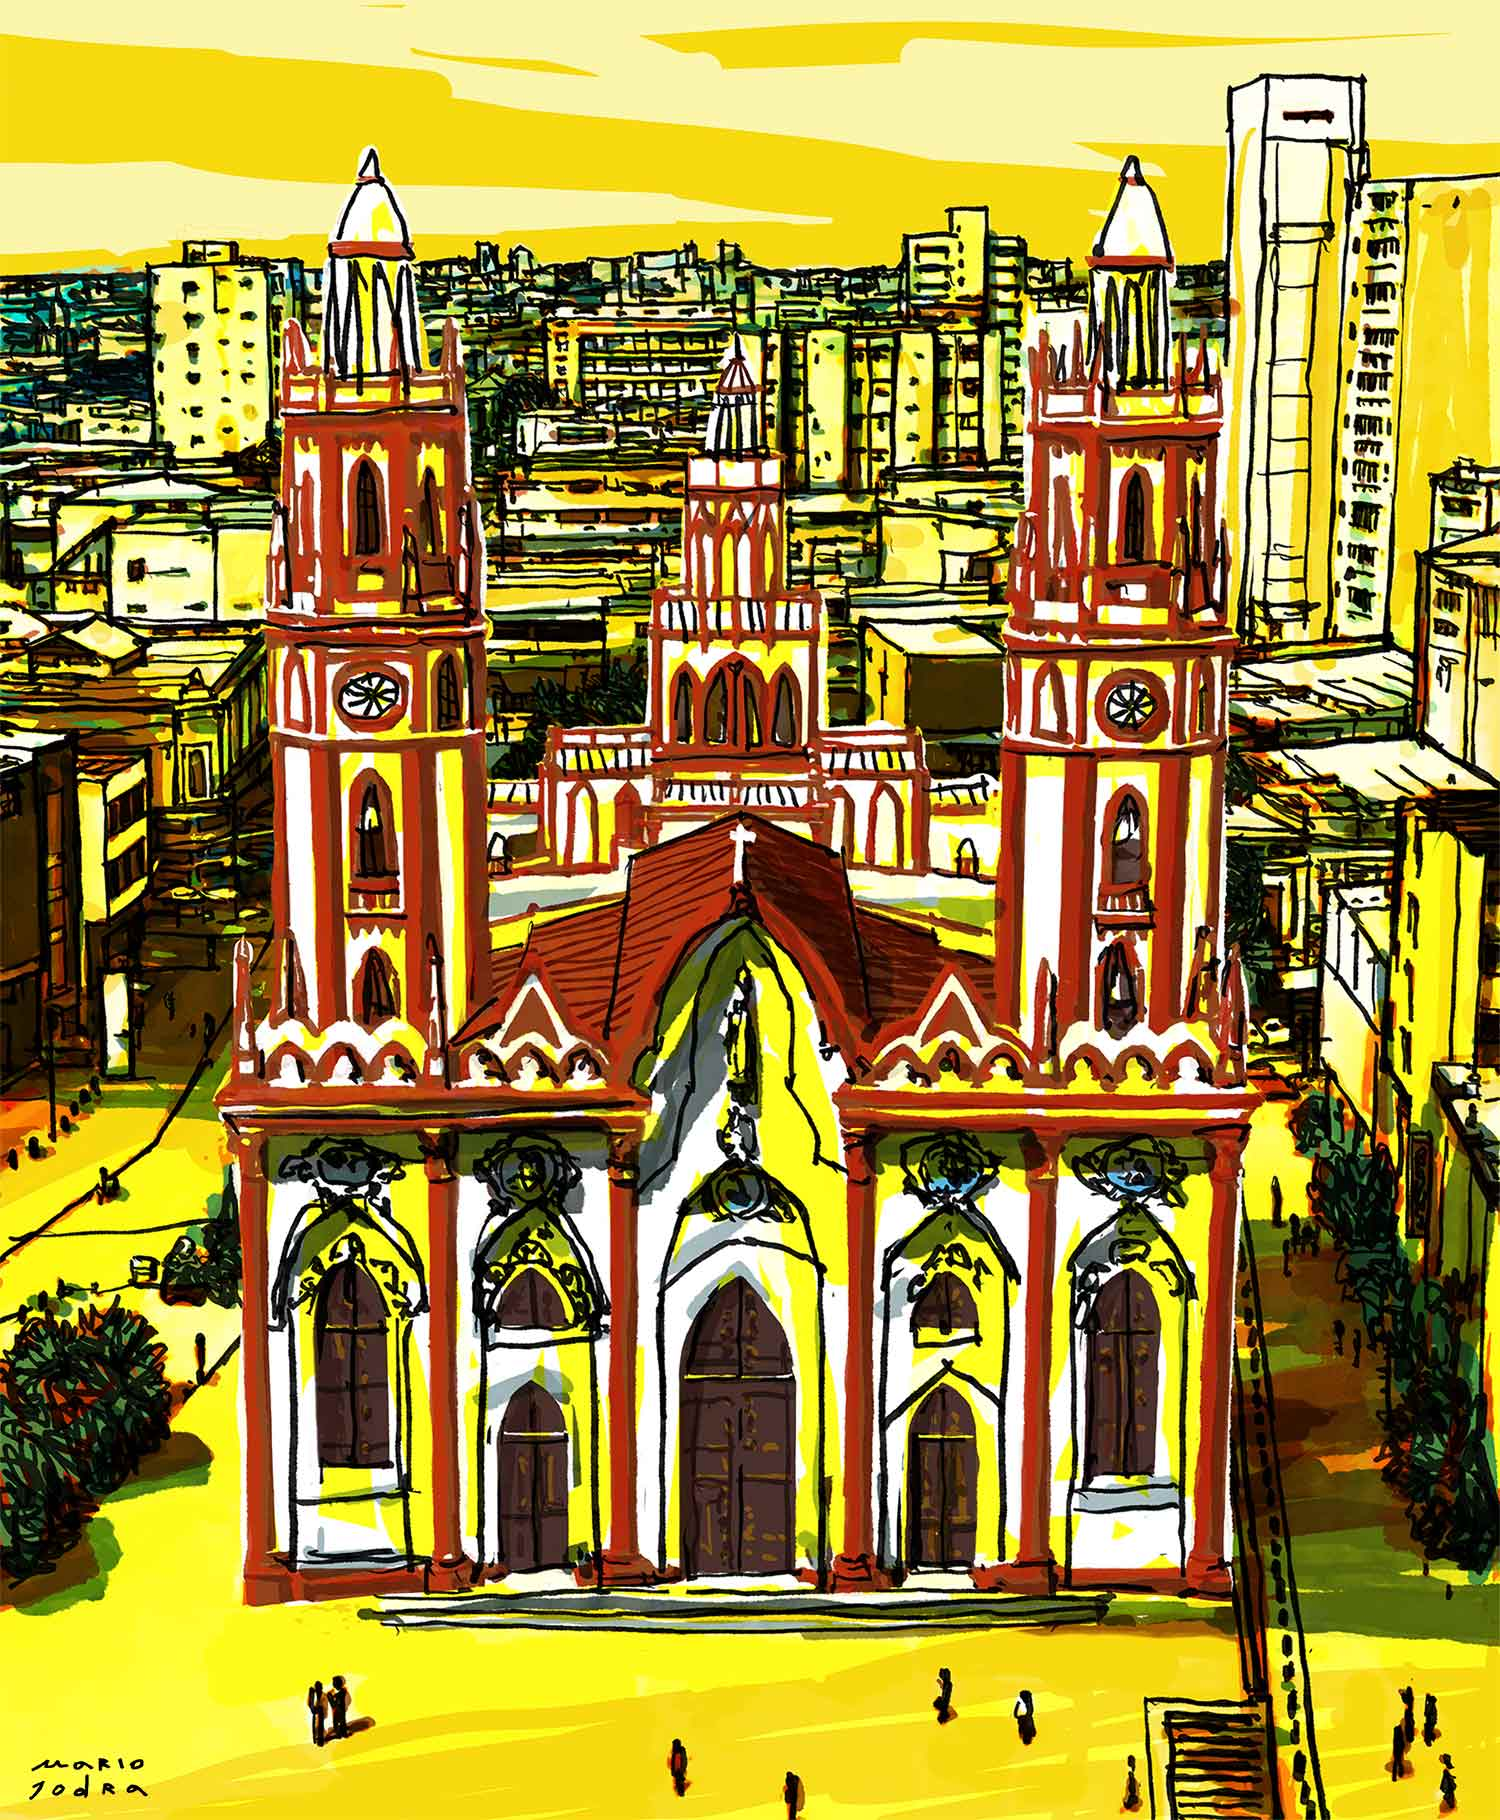 Iglesia de San Nicolás de Tolentino, Barranquilla, Colombia - Mario Jodra illustration ilustración